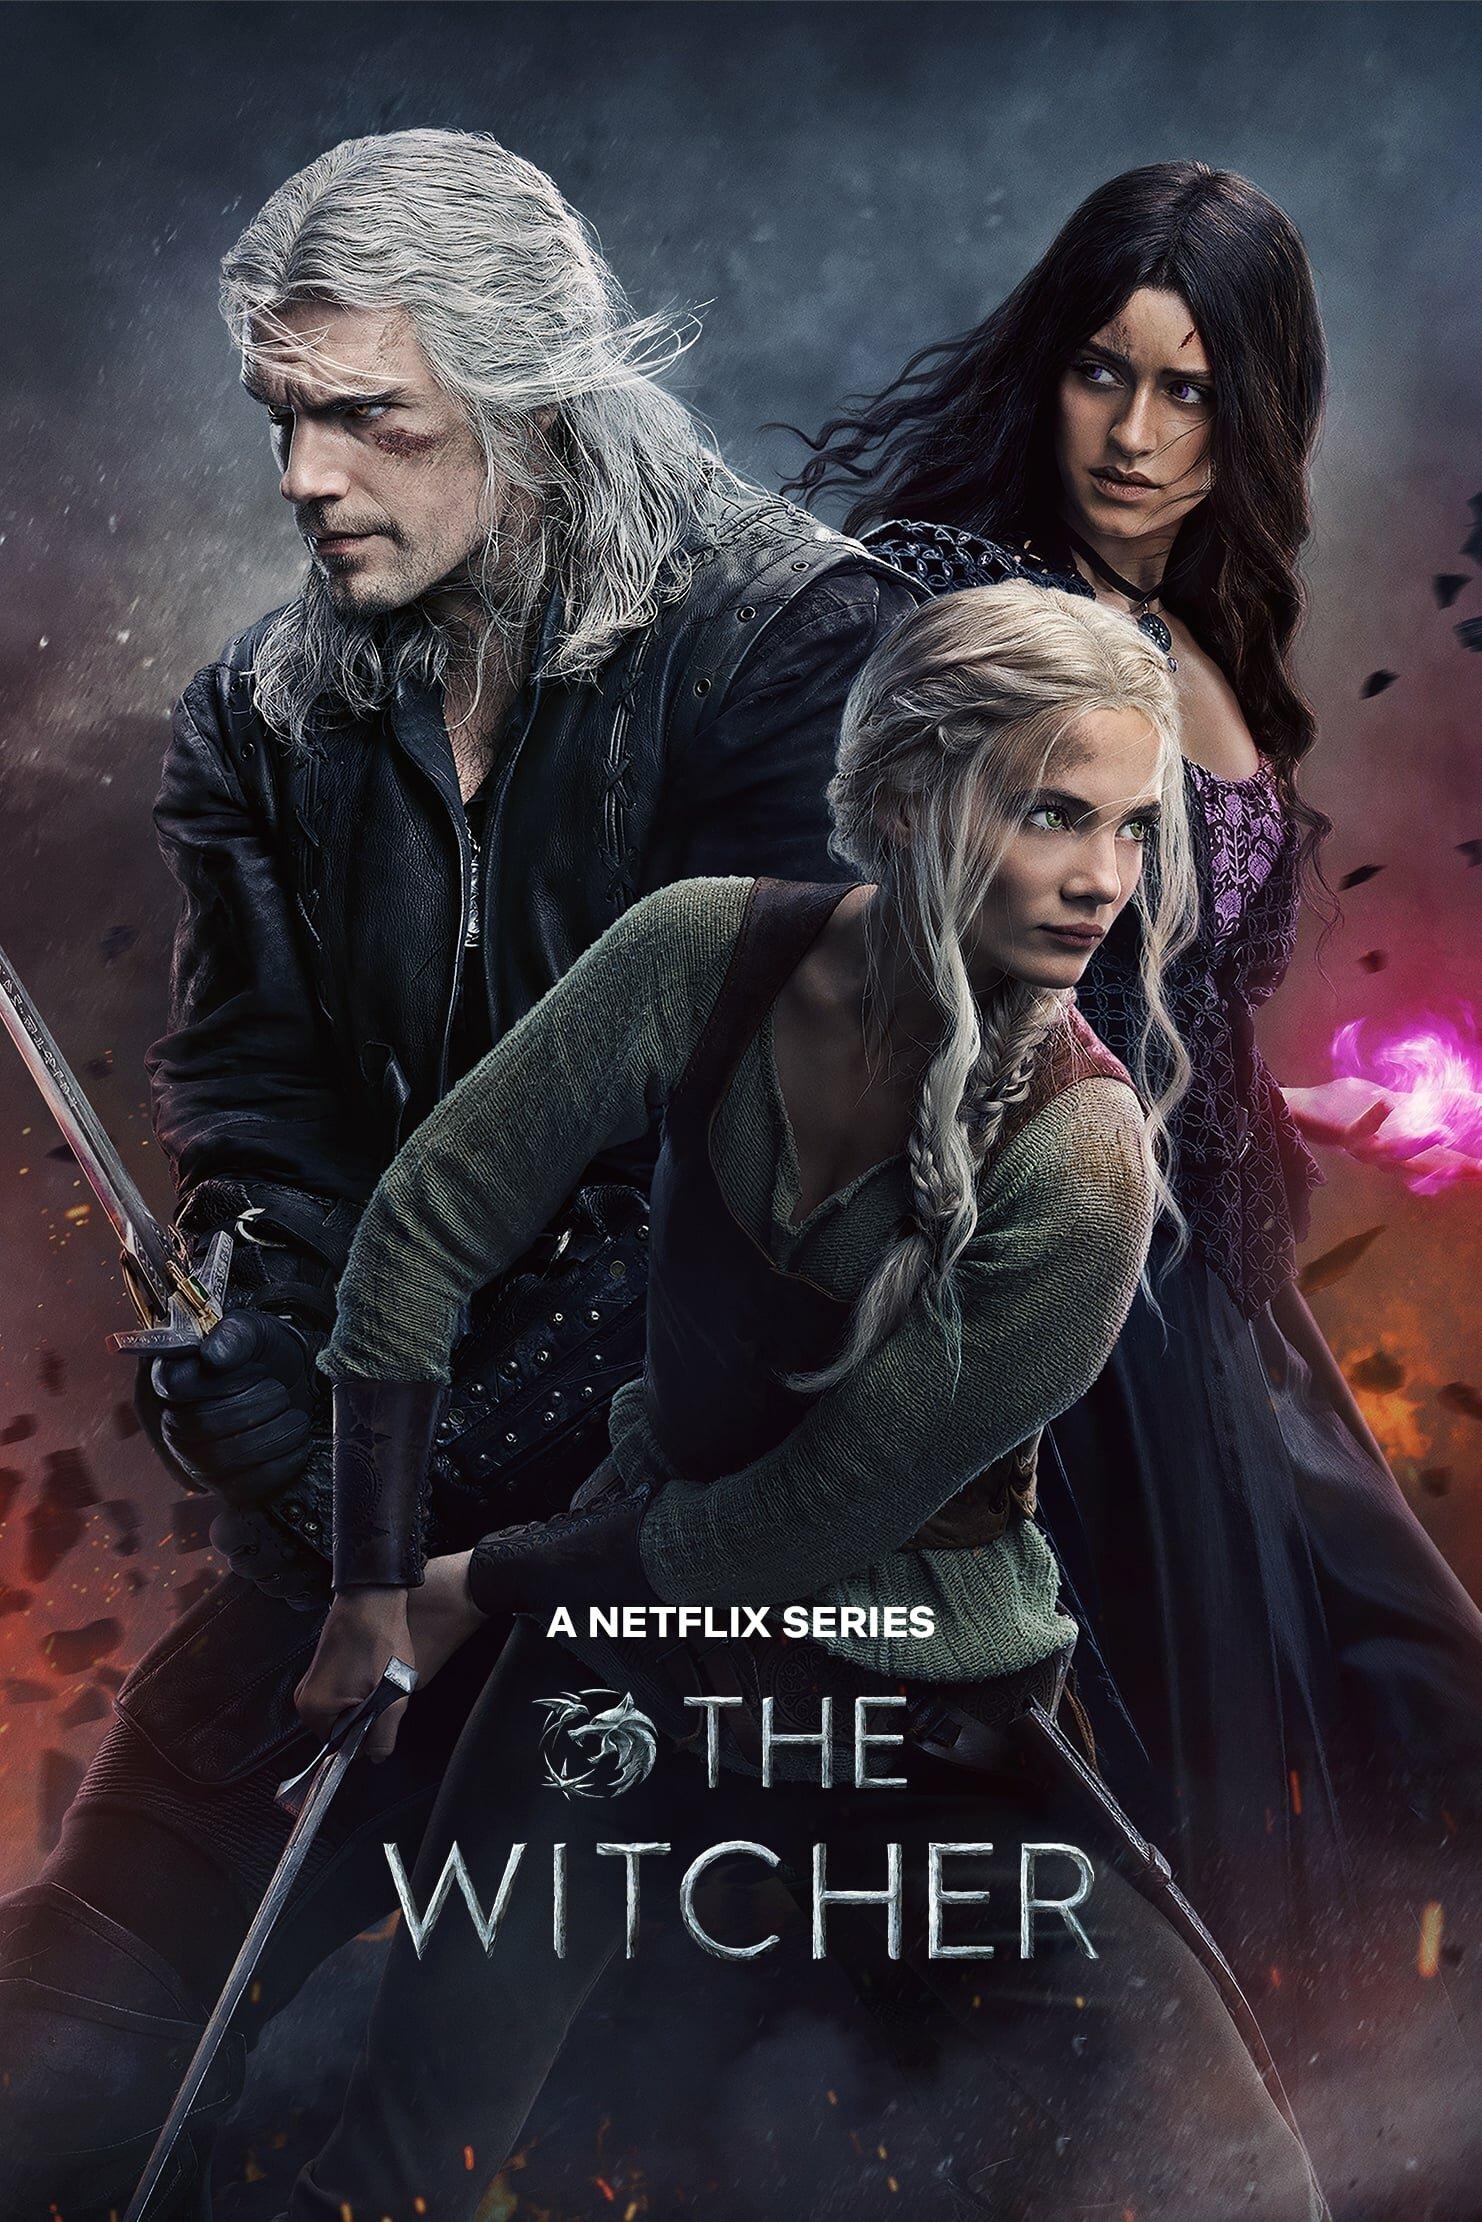 The Witcher ne zaman